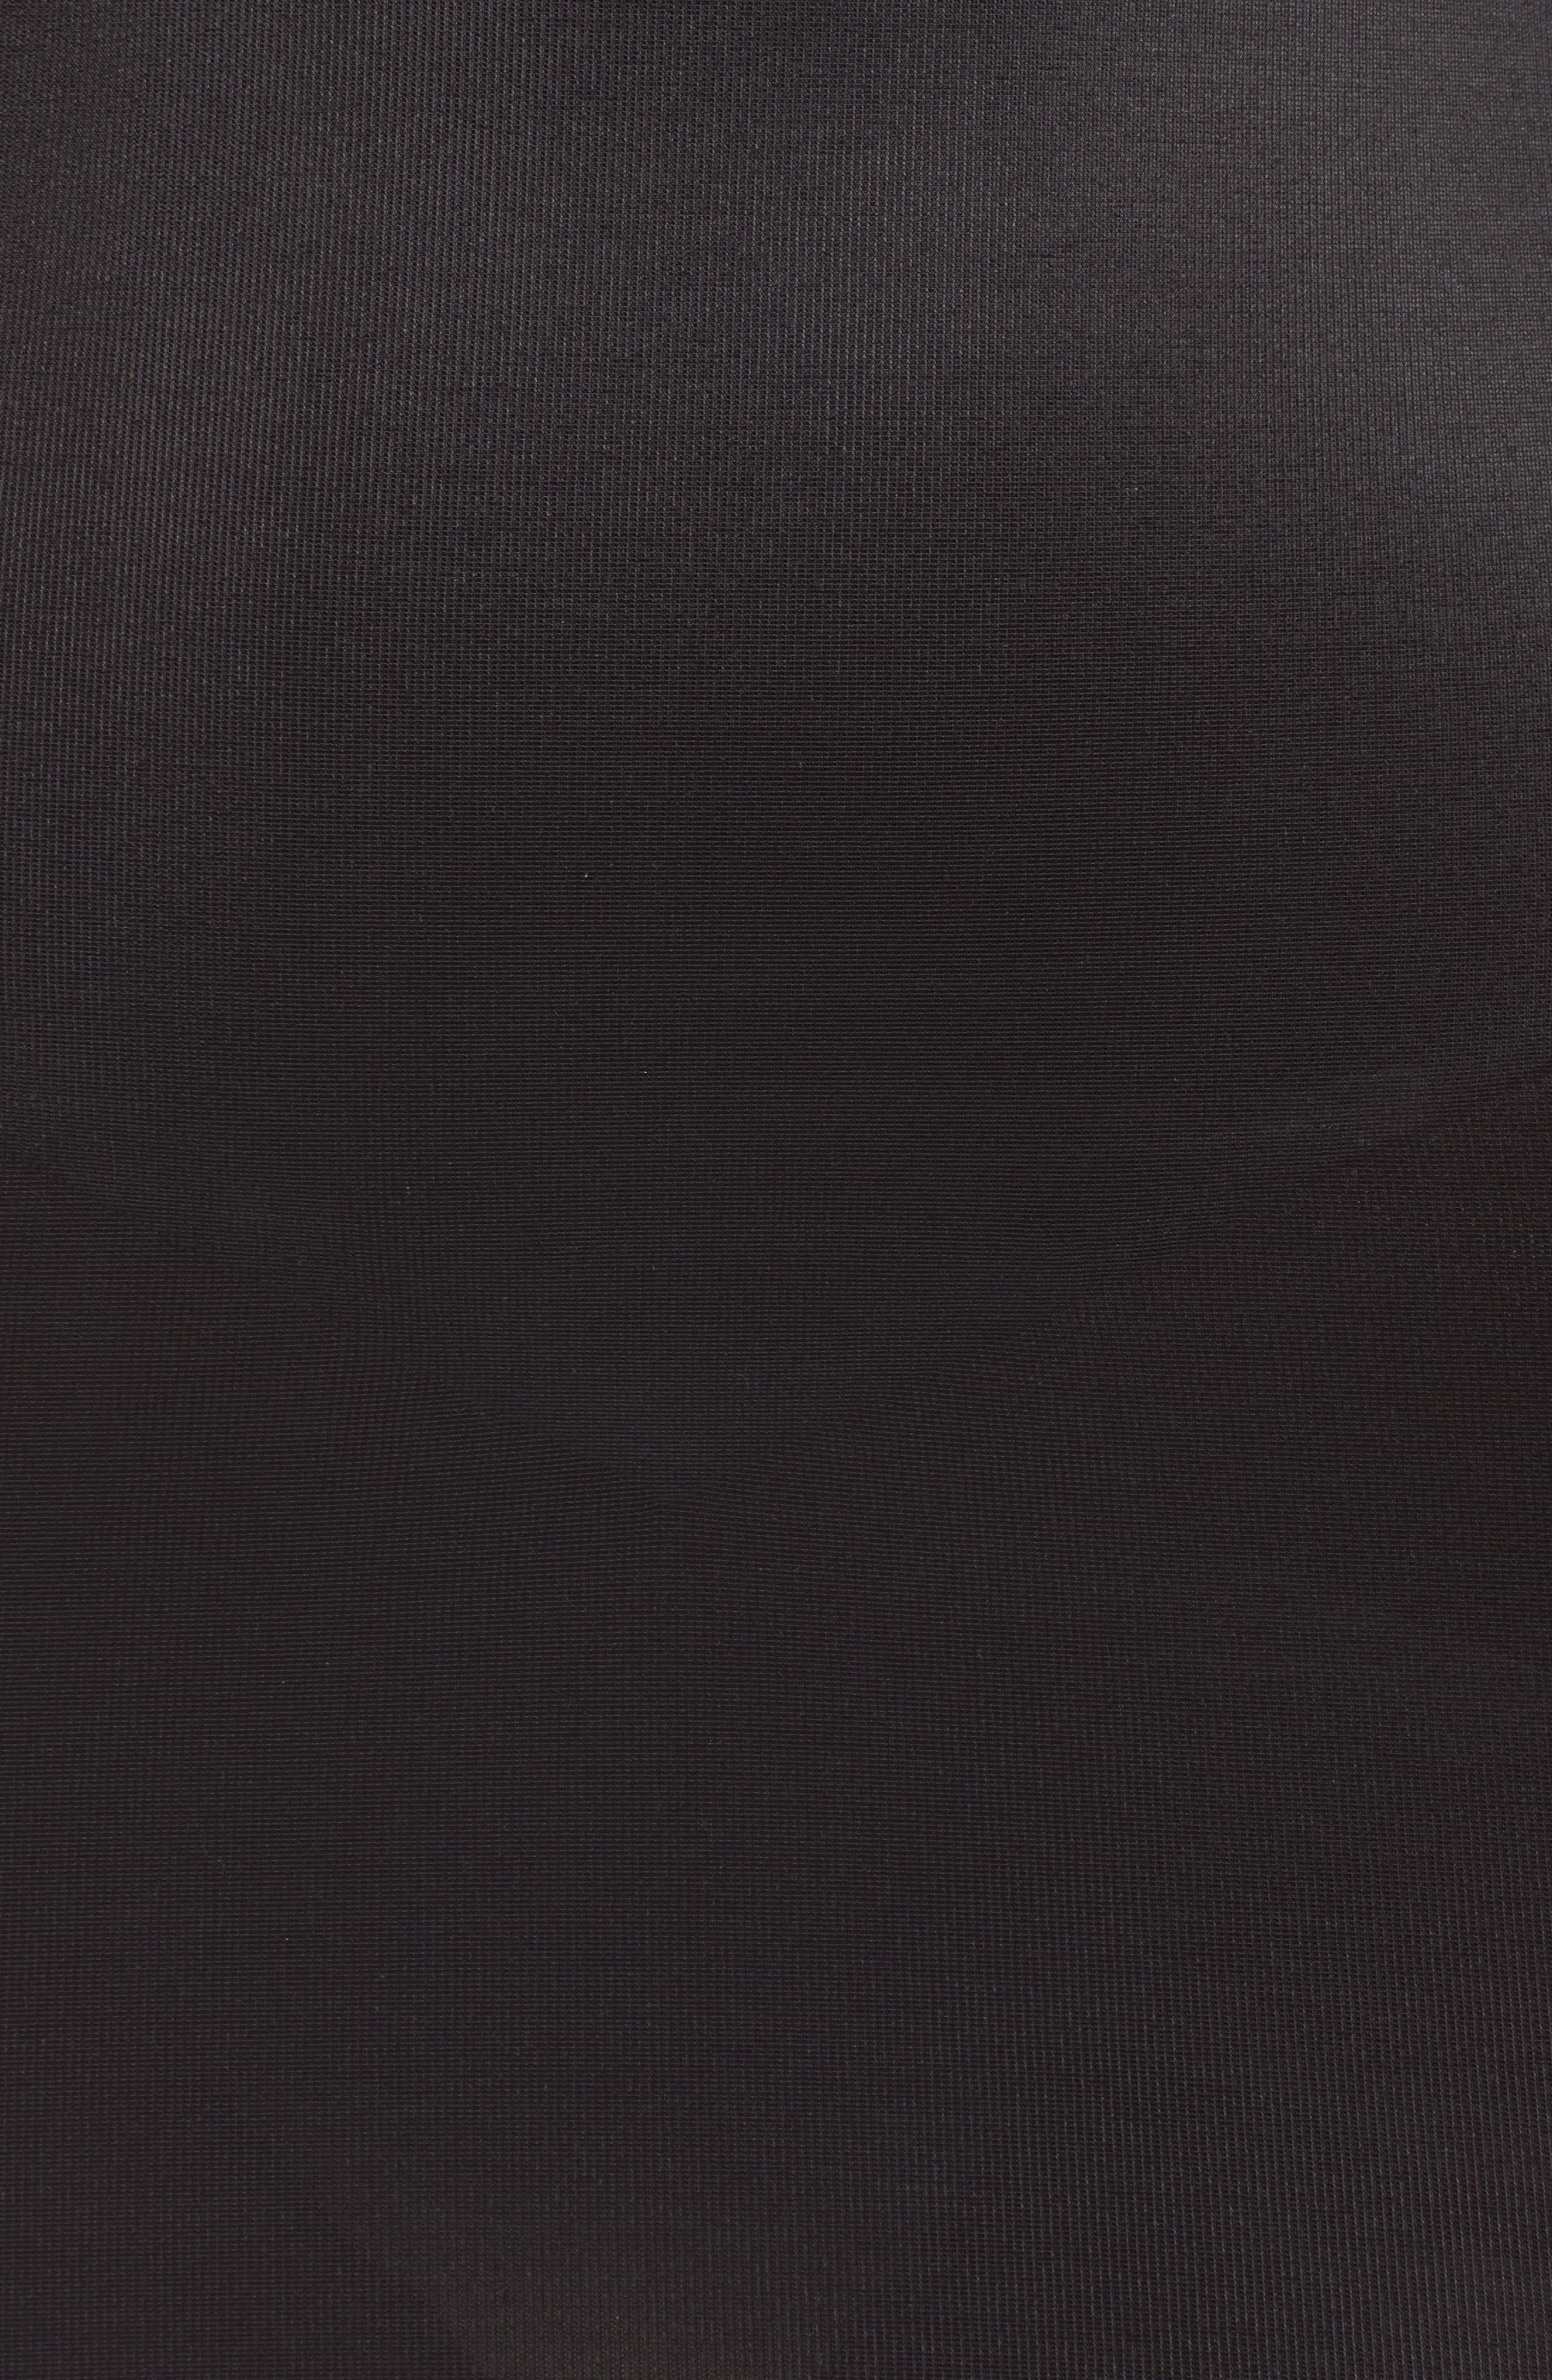 TC,                             'Torsette' Underbust Shaping Slip,                             Alternate thumbnail 5, color,                             BLACK